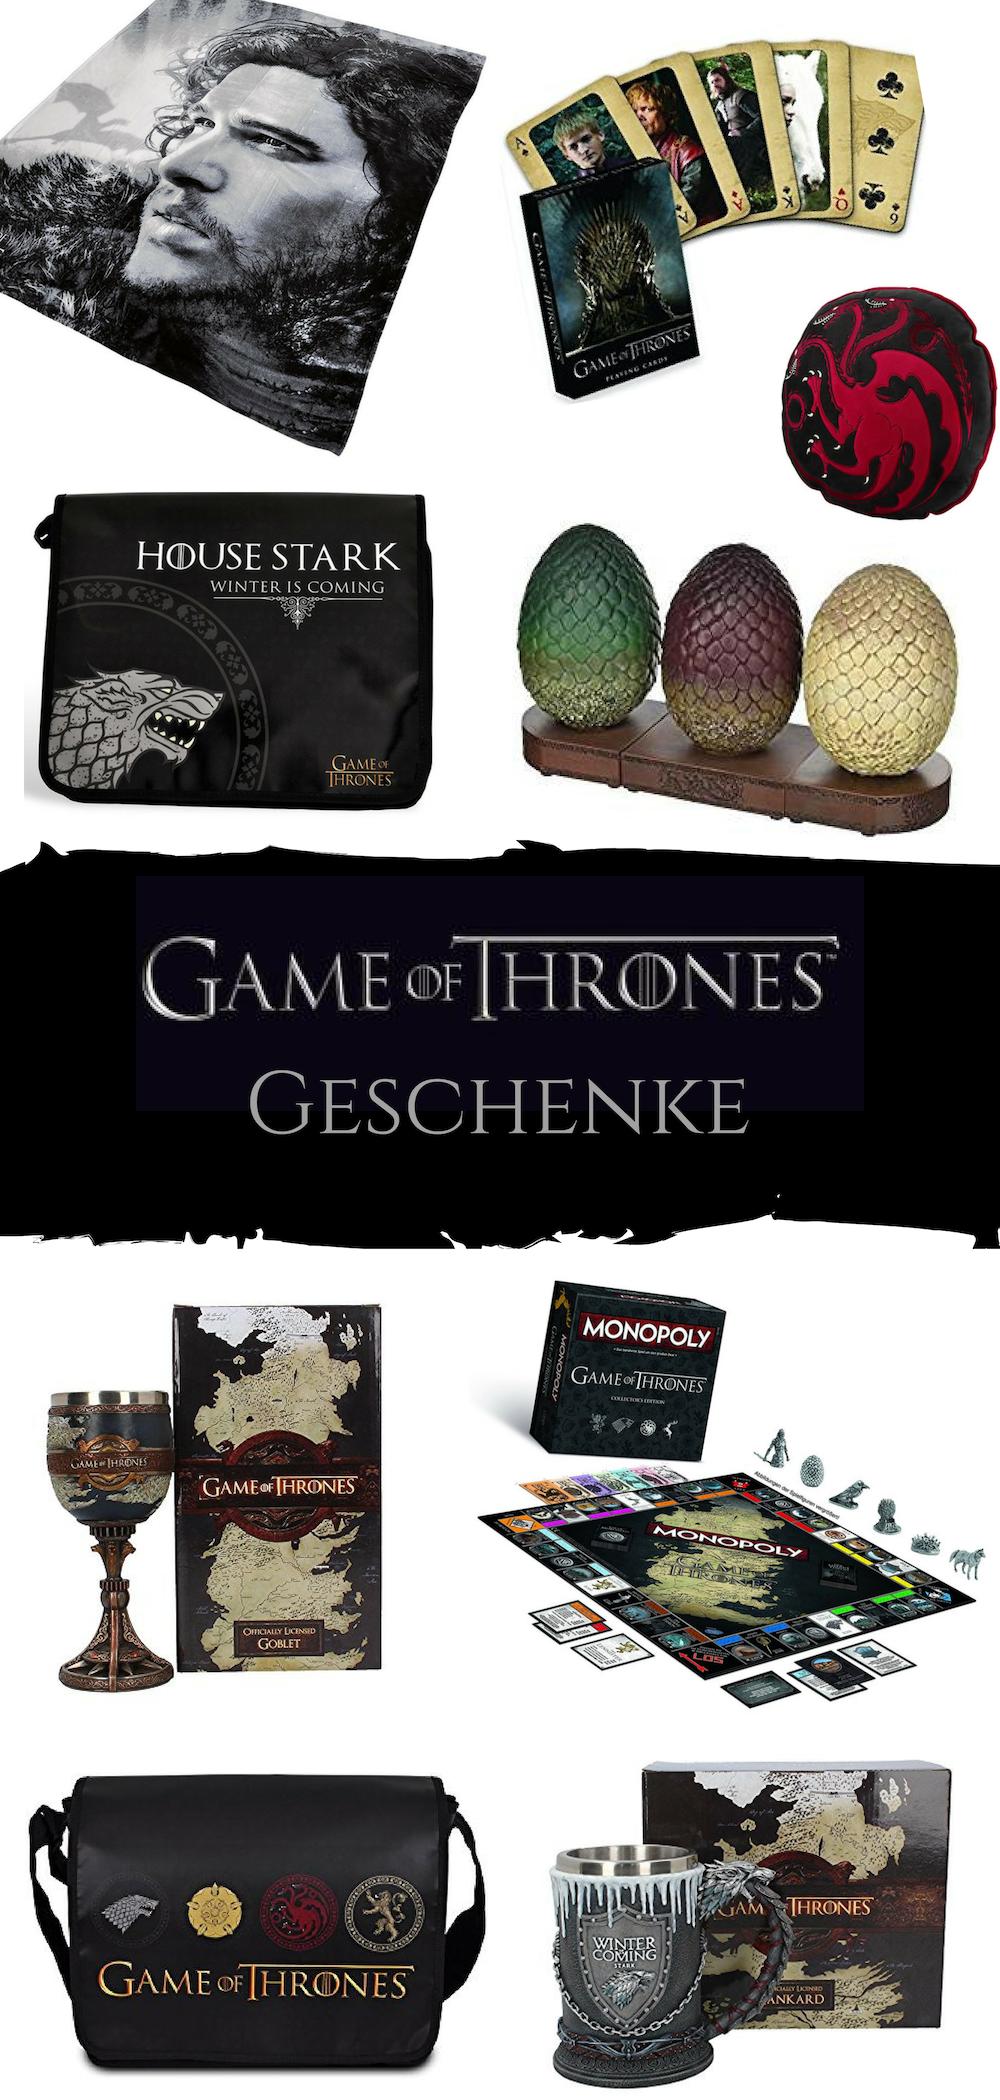 Du Suchst Du Nach Geschenkideen Für Einen Game Of Thrones Fan Hier